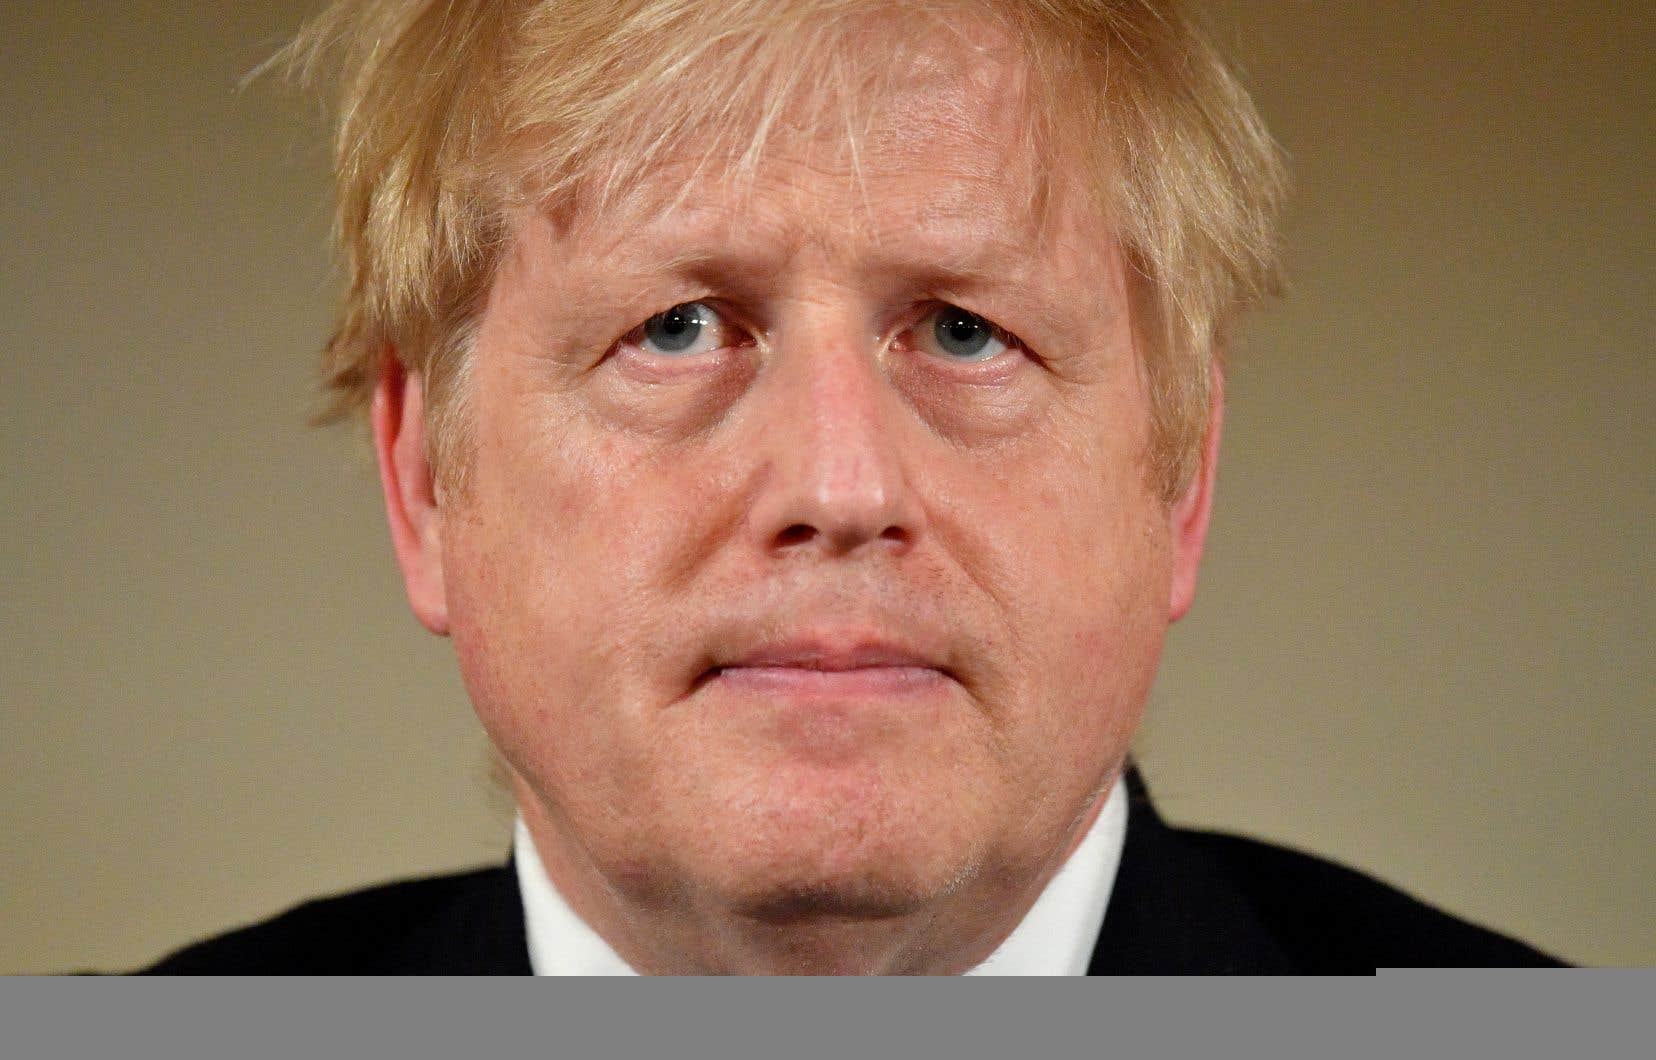 <p>L'hospitalisation dimanche du charismatique mais clivant dirigeant conservateur de 55ans, puis son transfert aux soins intensifs le lendemain soir, a choqué au Royaume-Uni.</p>